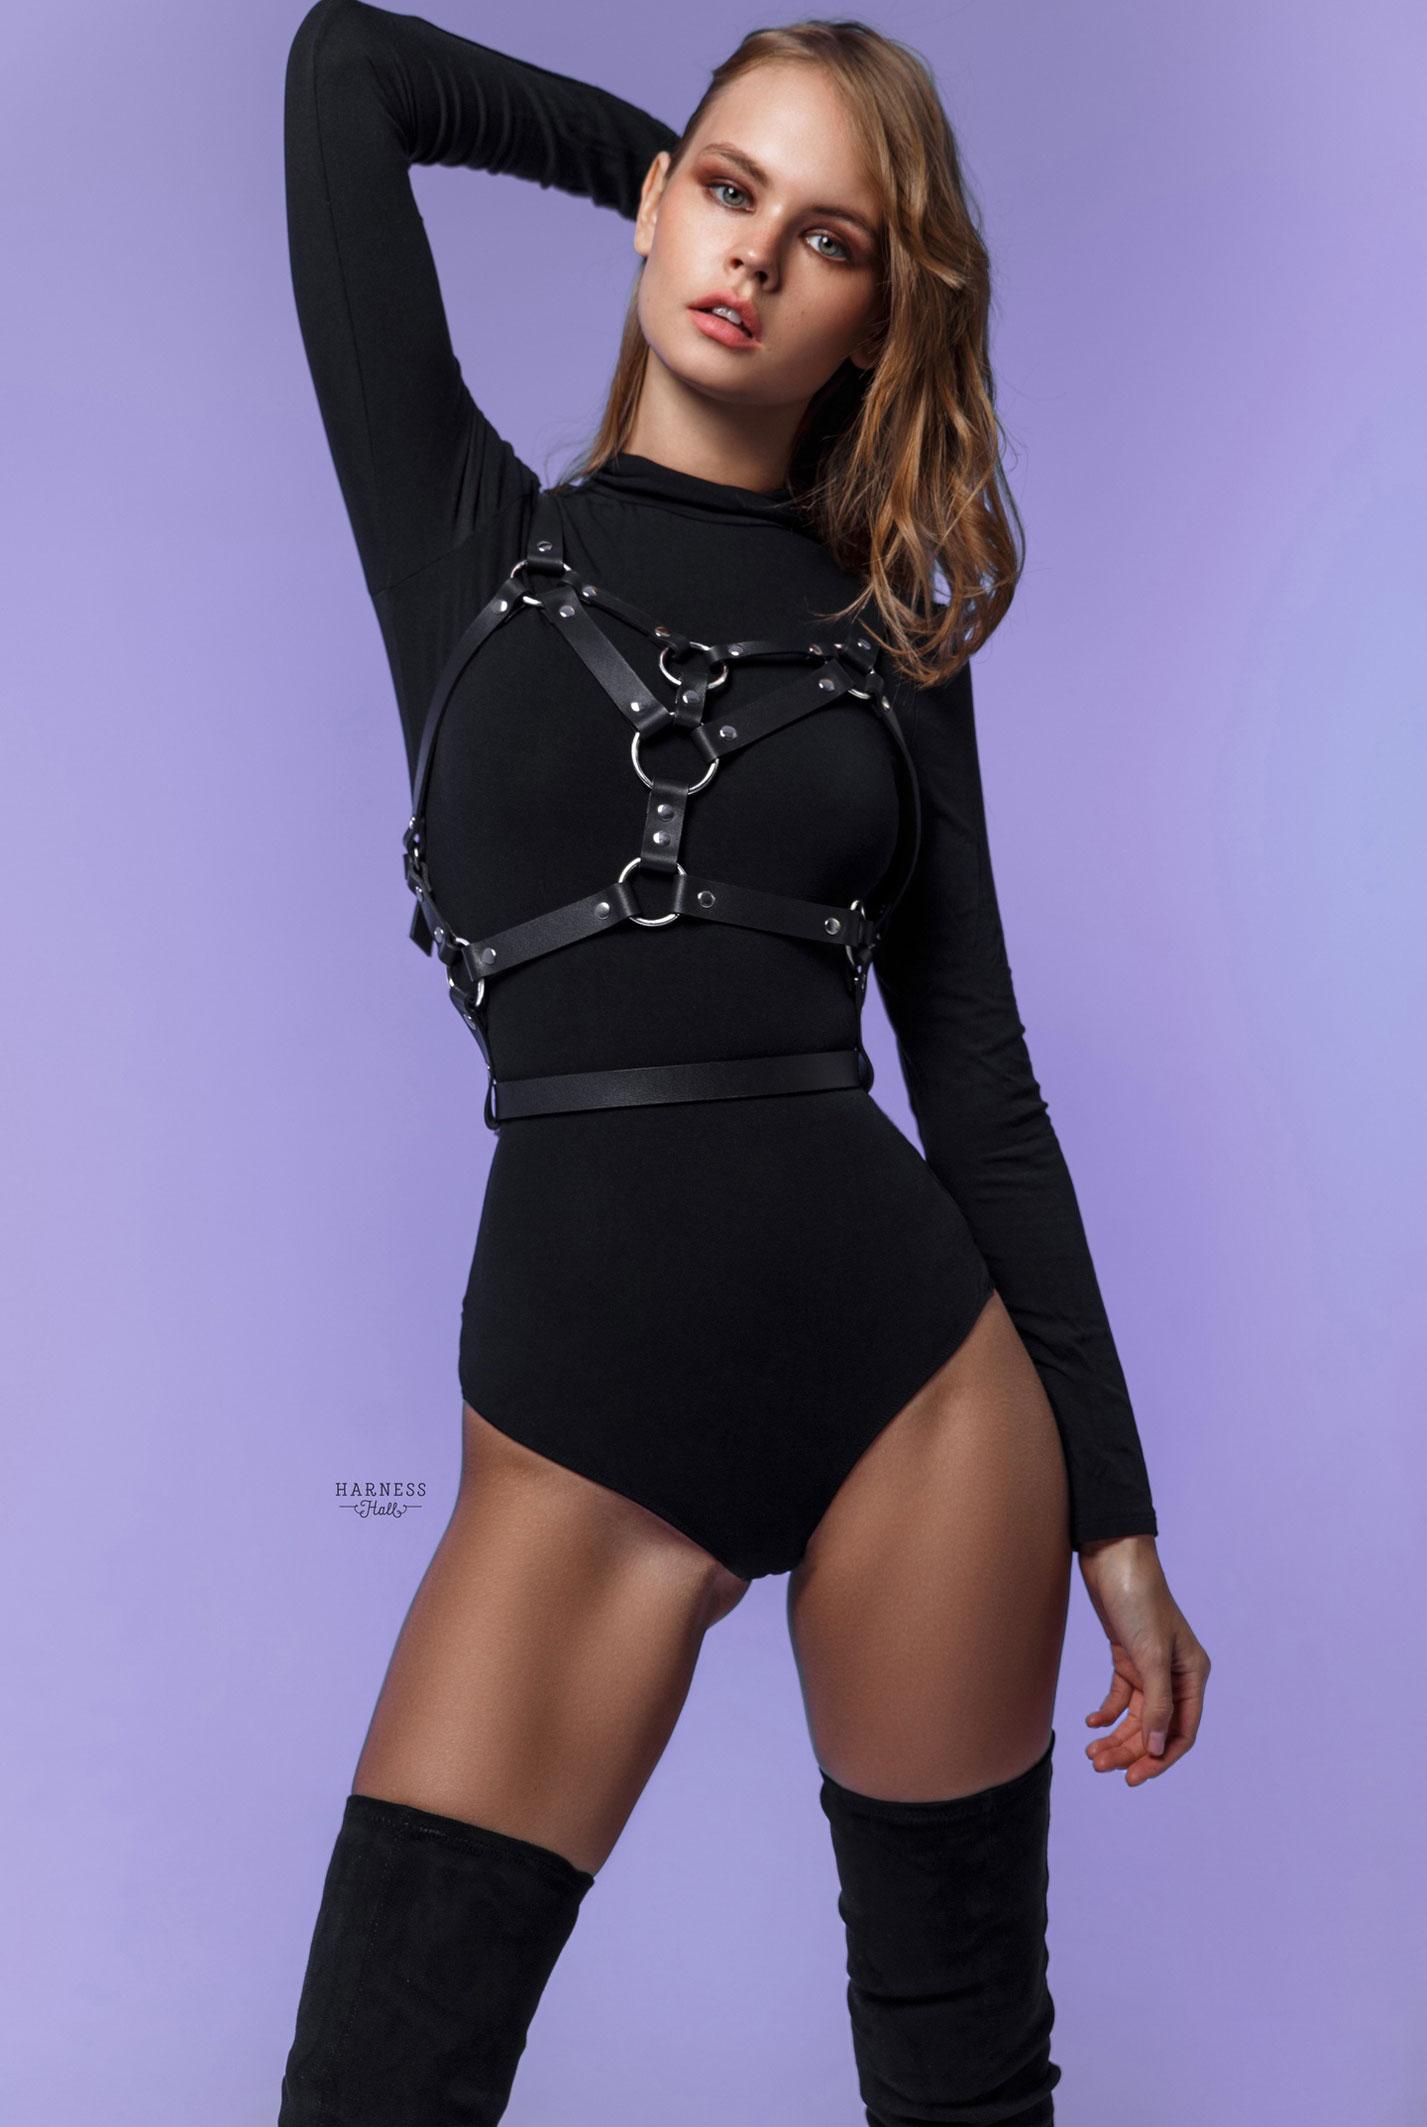 Анастасия Щеглова в нижнем белье Harness Hall, 2018 год / фото 12